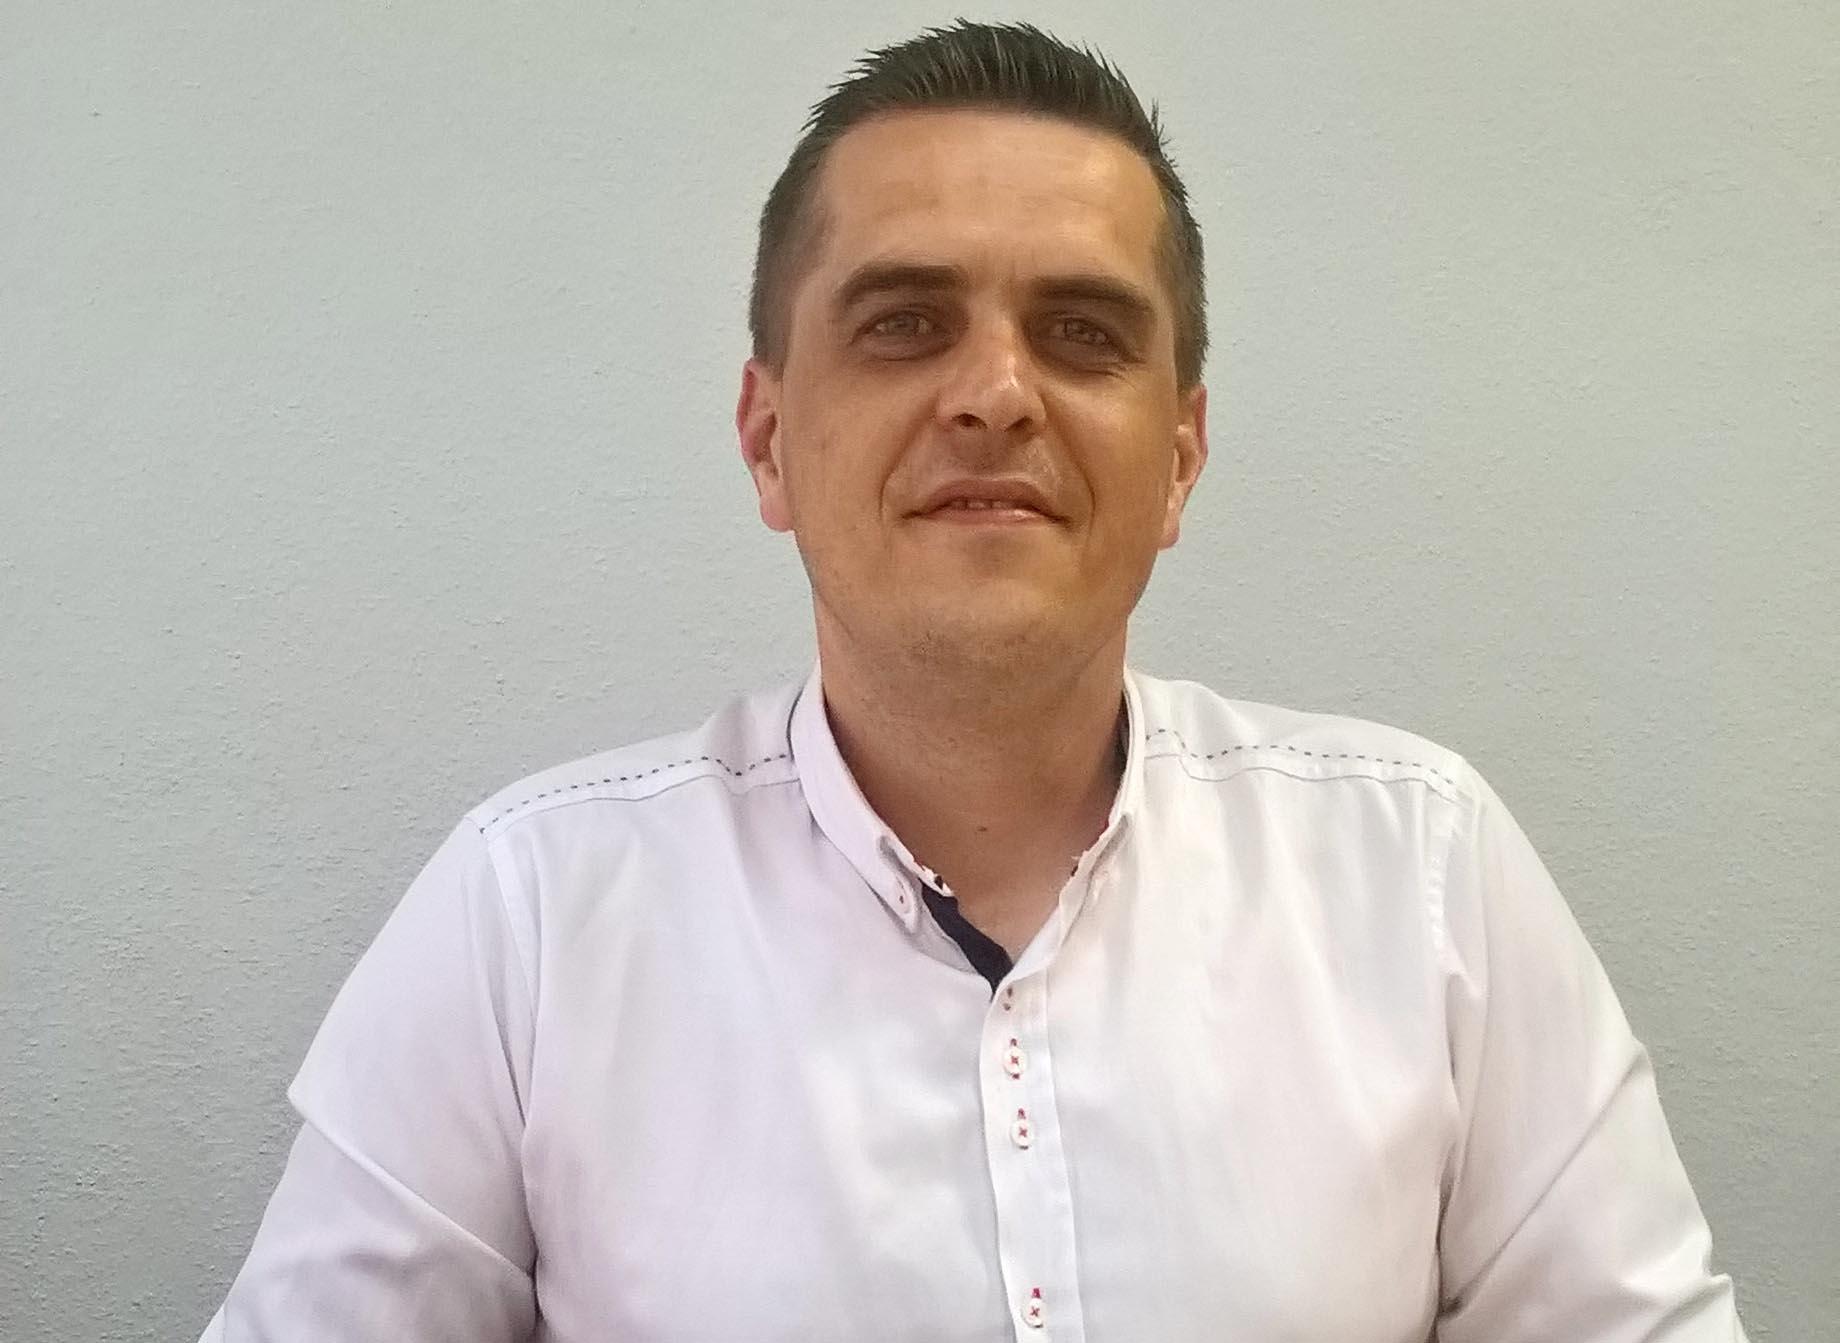 Dominik Walkowiak